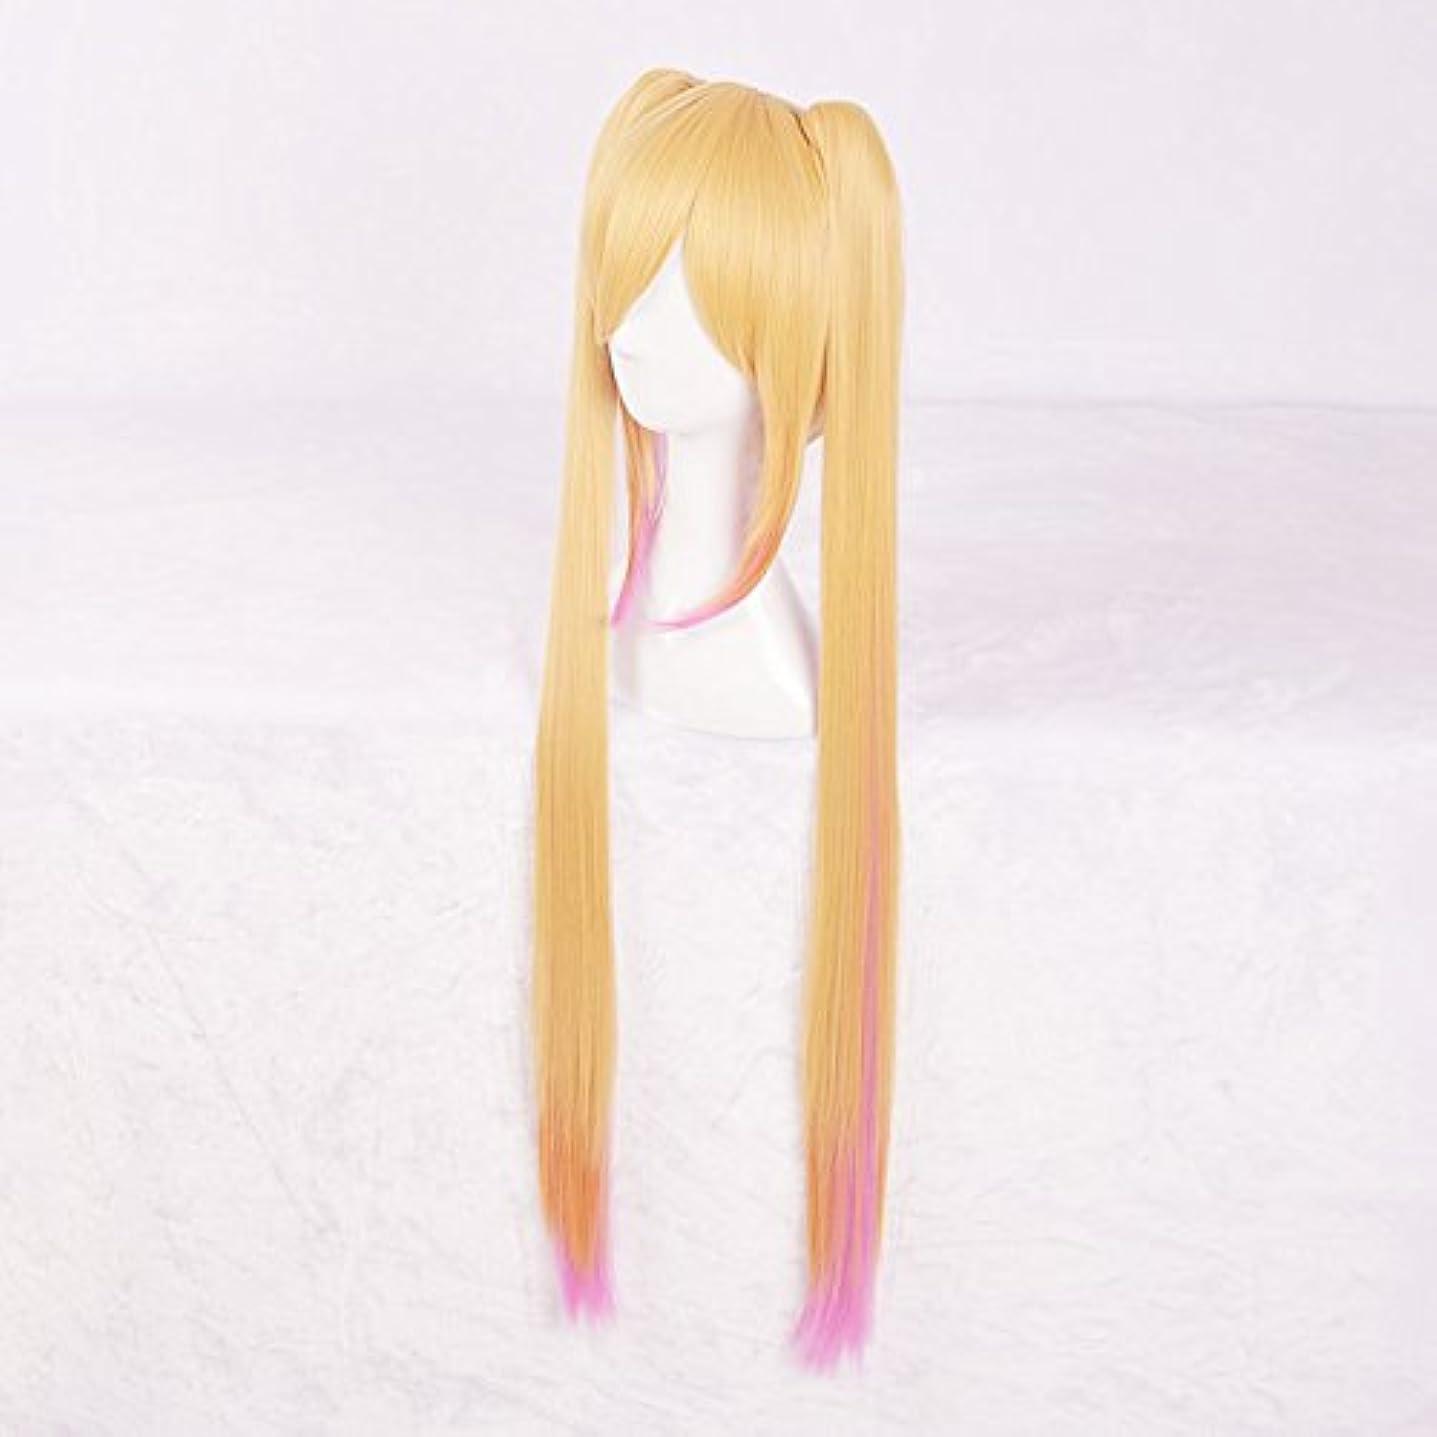 おなかがすいた緊急保存するBOBIDYEE トリコロールグラデーションコスプレトールかつらダブルポニーテール短髪小林のドラゴンメイド合成髪レースかつらロールプレイングかつら (色 : Tri-color gradient)